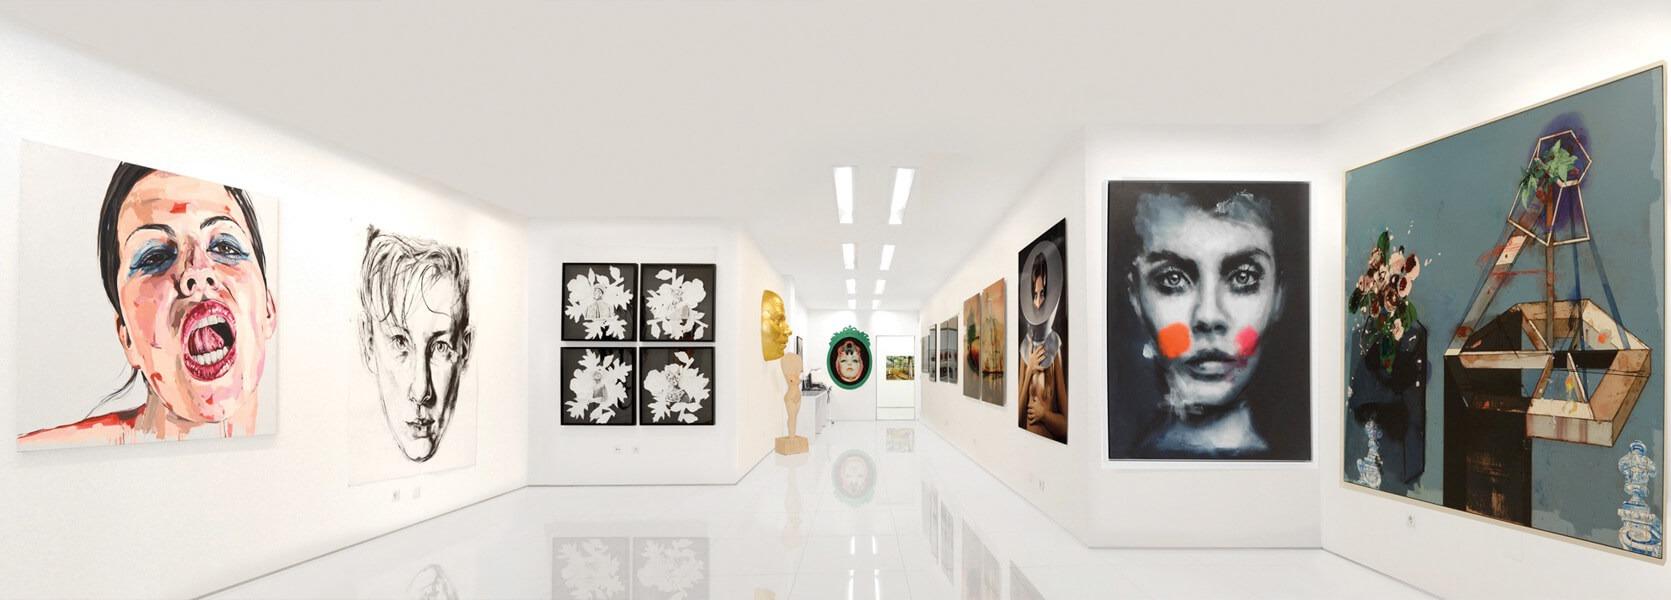 Nuno Sacramento arte entrevista galeria Litoral Magazine